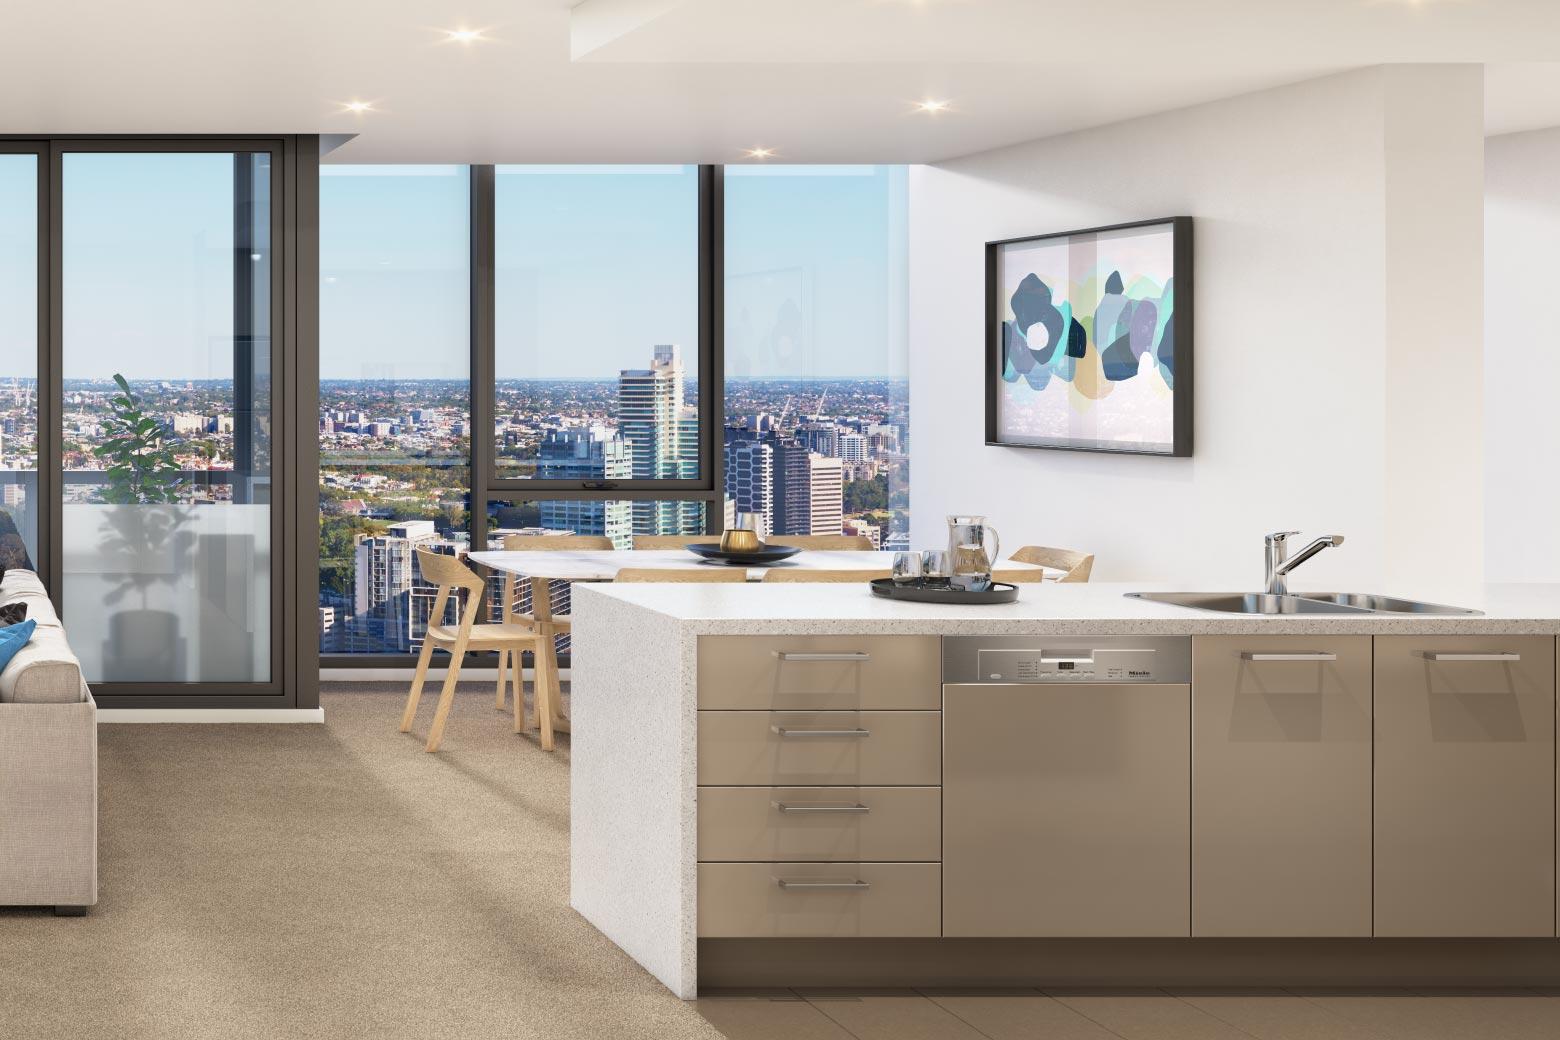 > 厨房配有优质石台面及德国miele厨房设备.